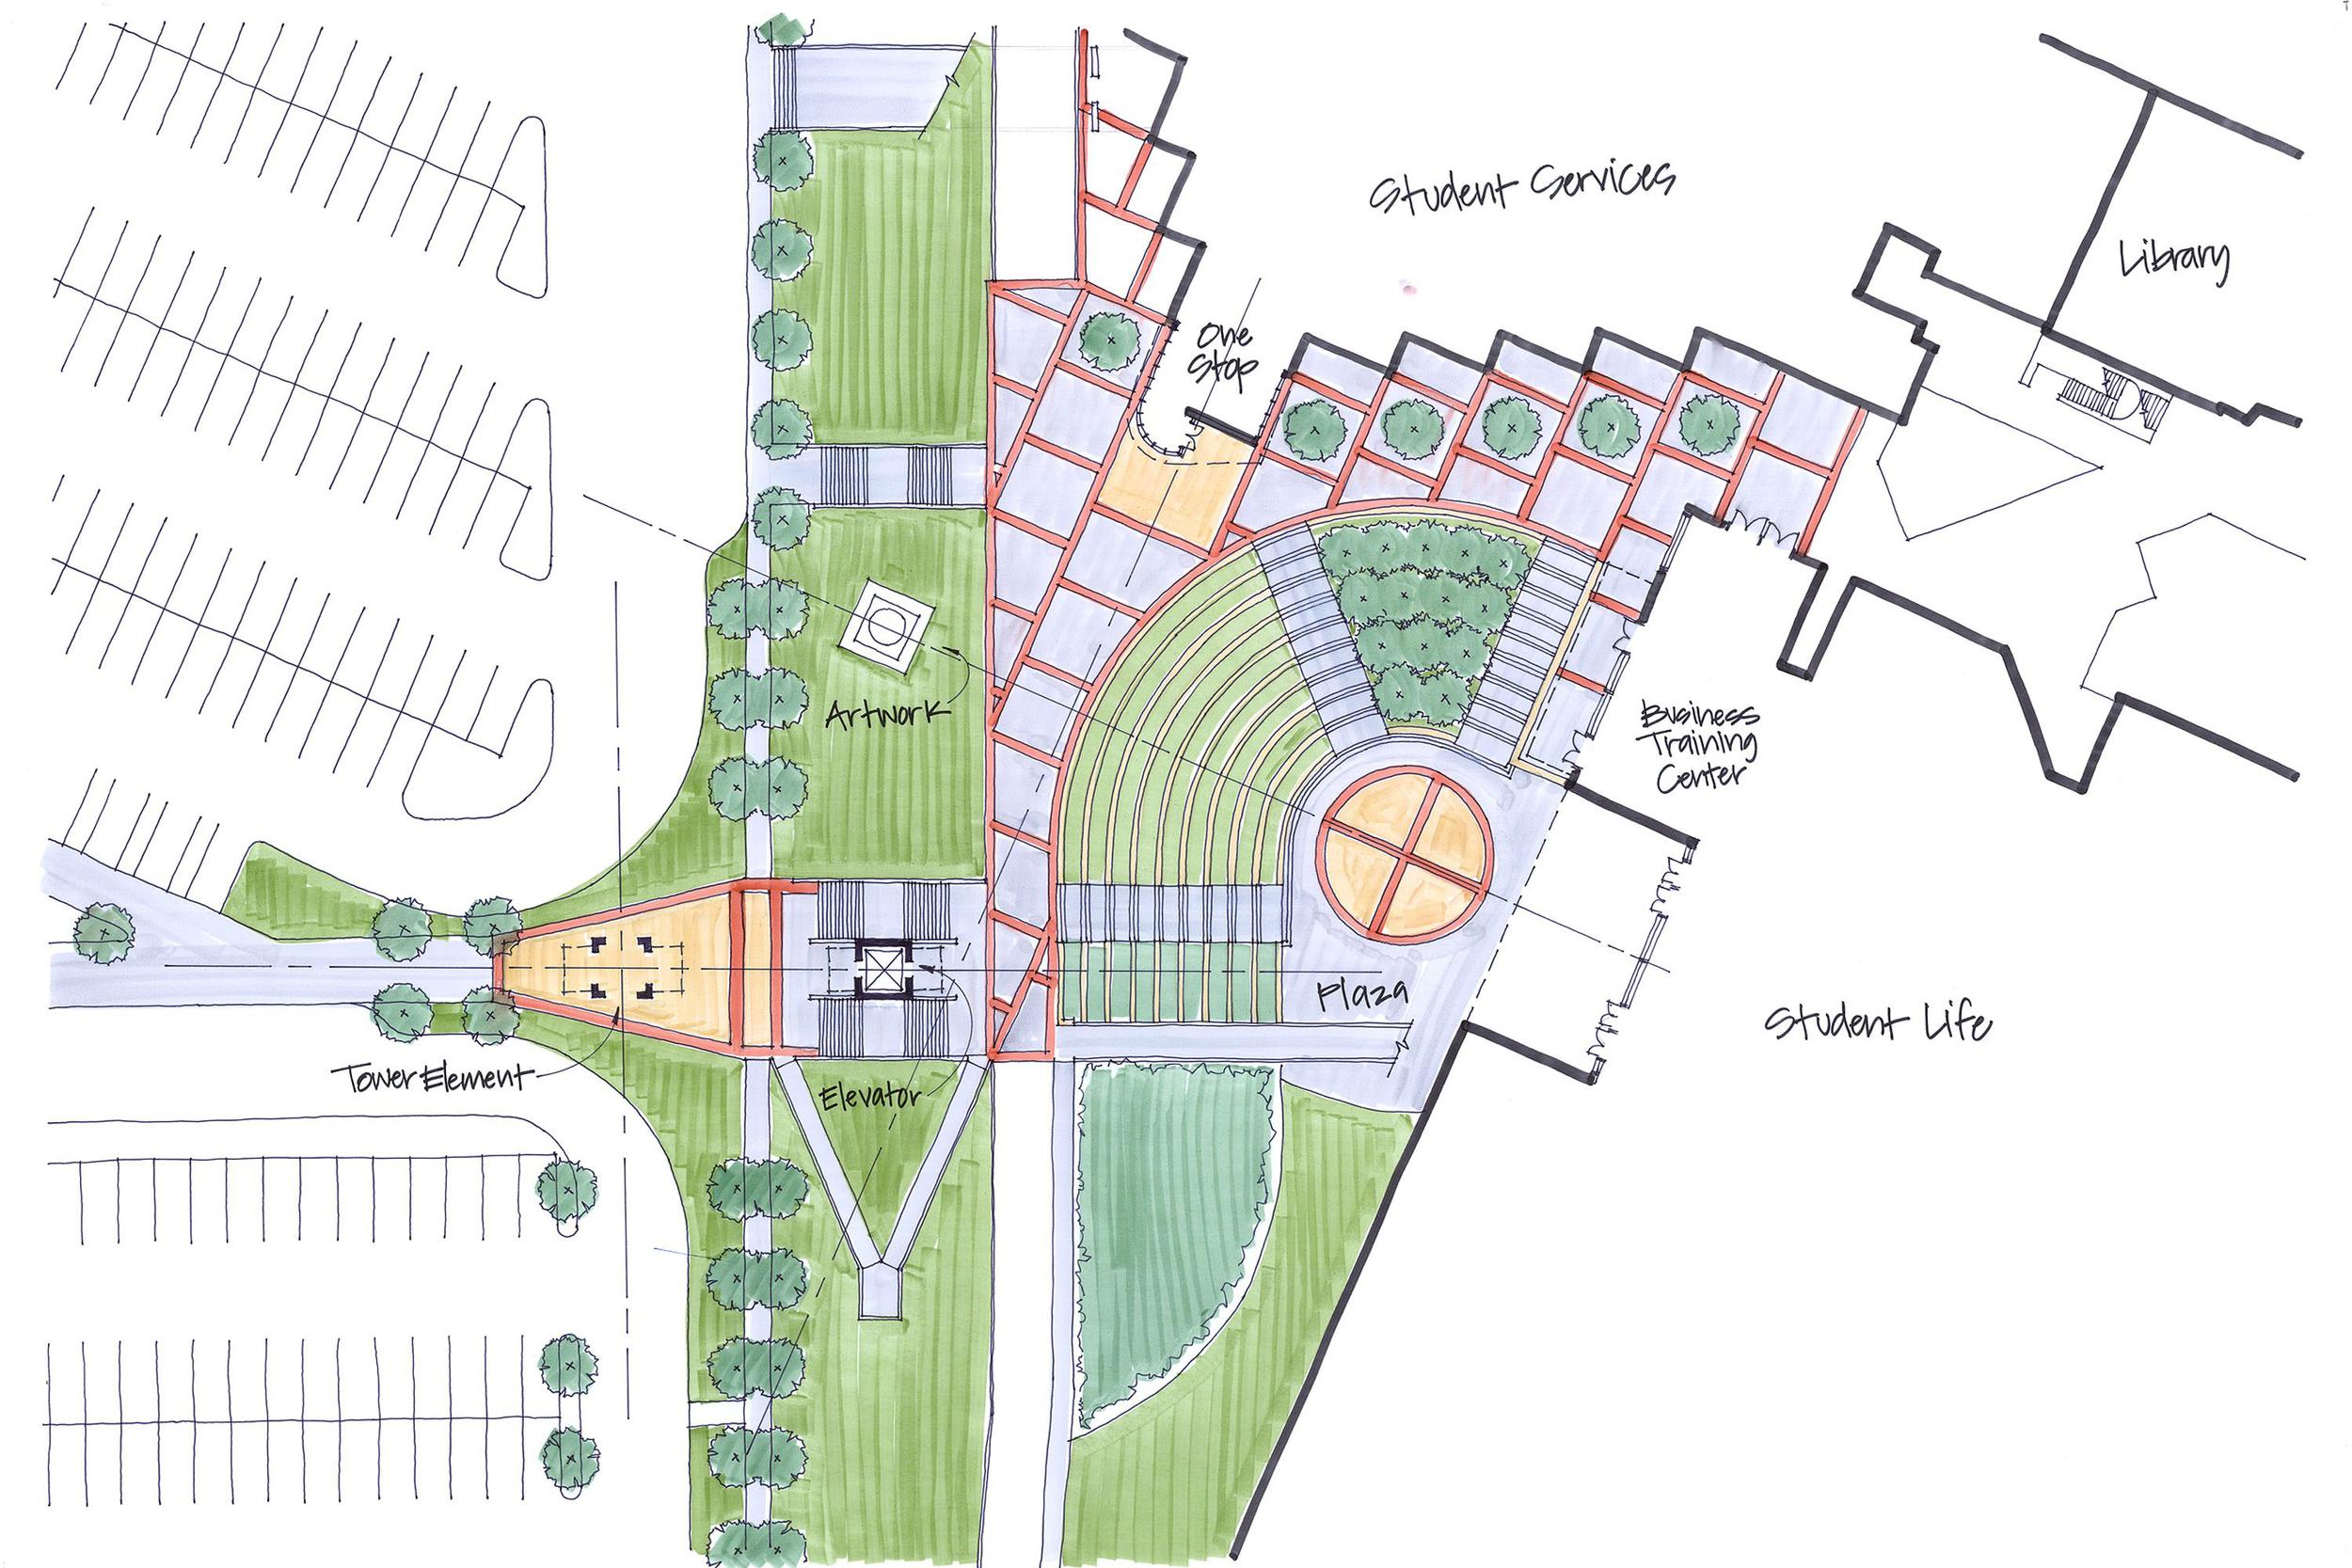 LWIT Campus Master Plan